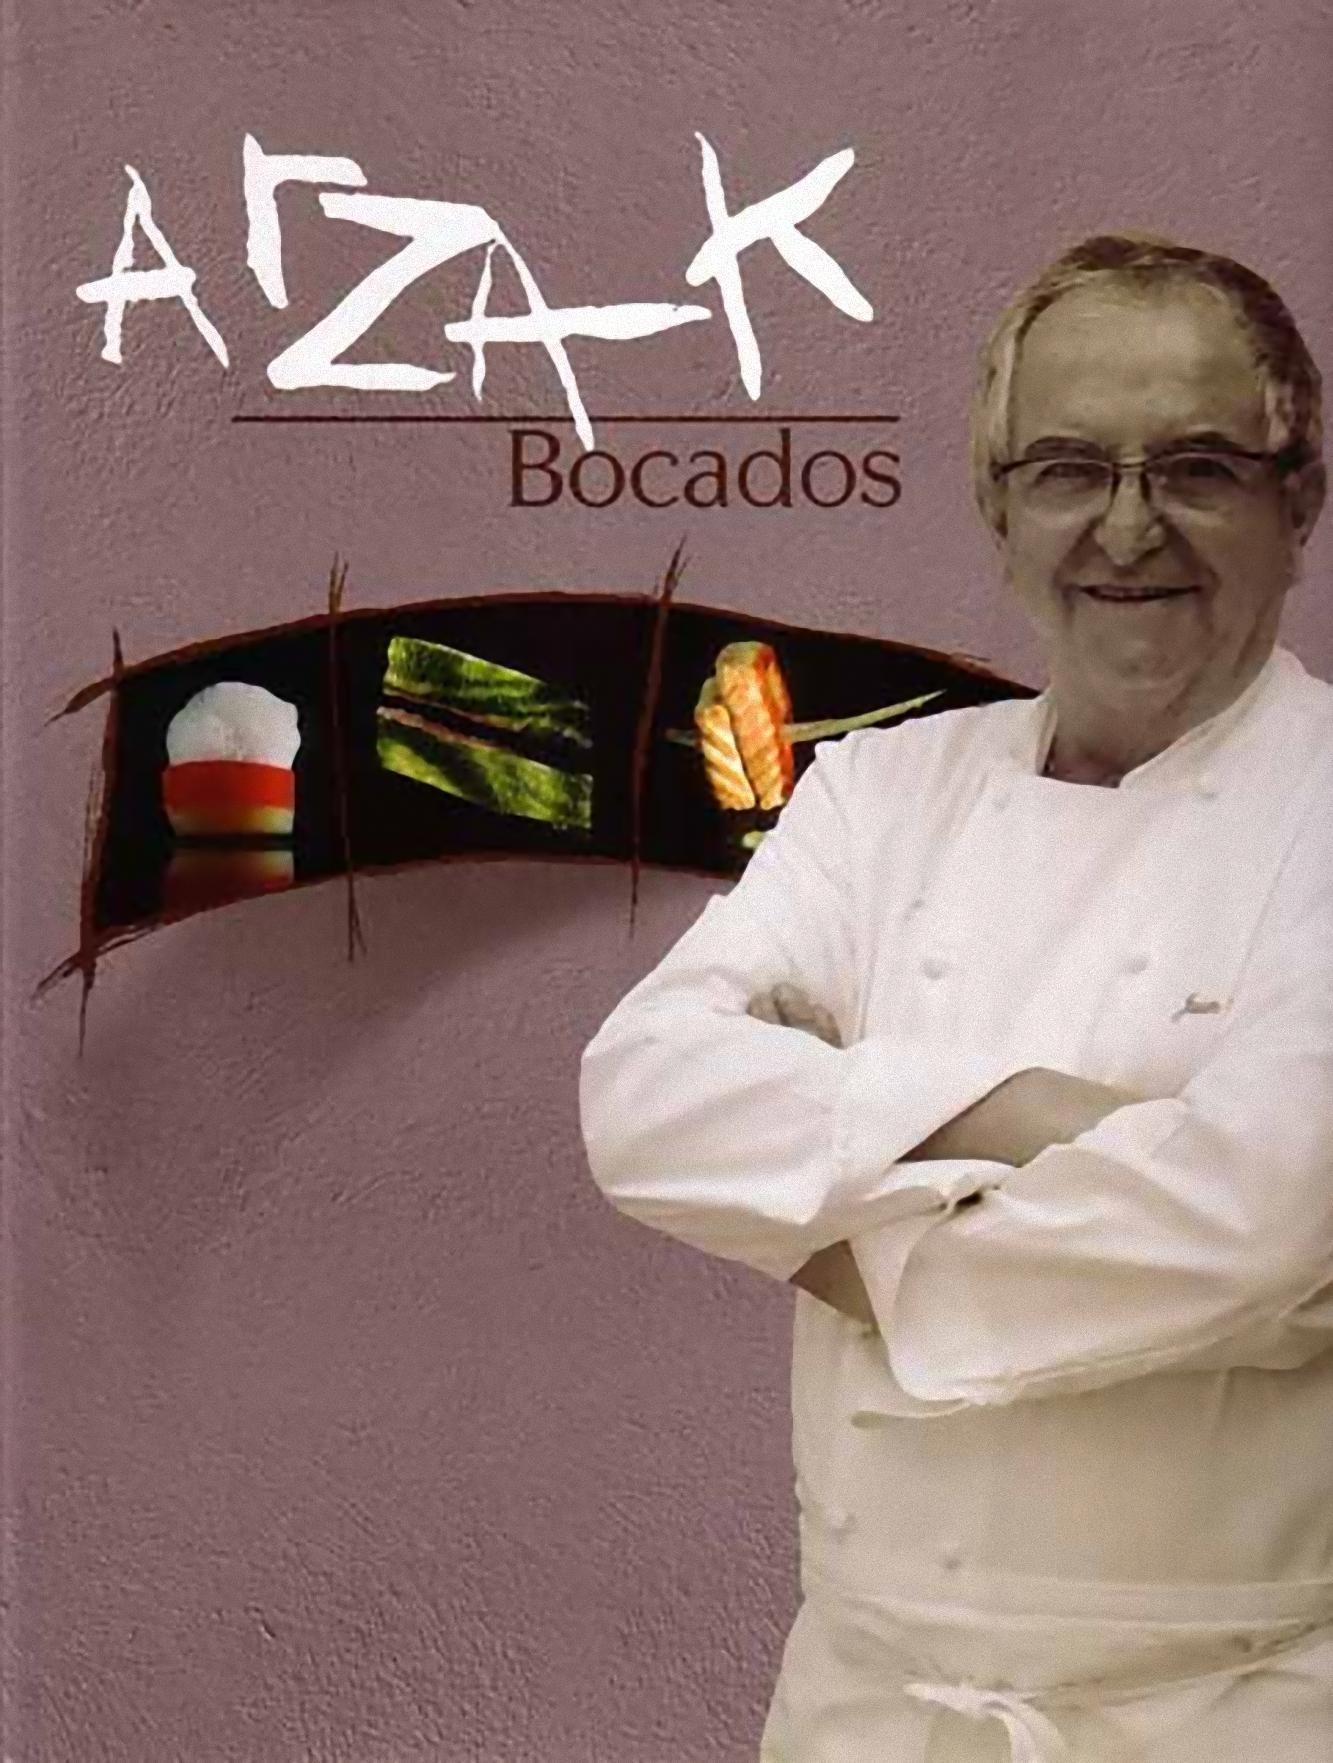 Bocados de Arzak: El libro sobre pinchos y tapas